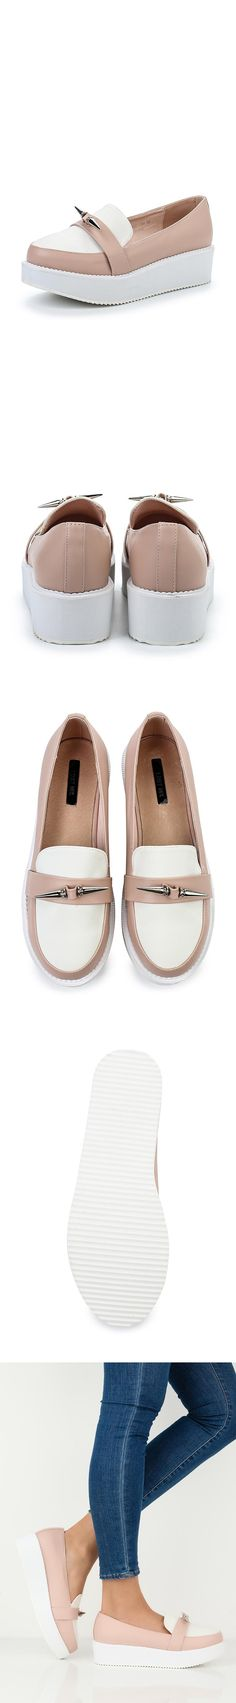 Женская обувь лоферы LOST INK за 3499.00 руб.